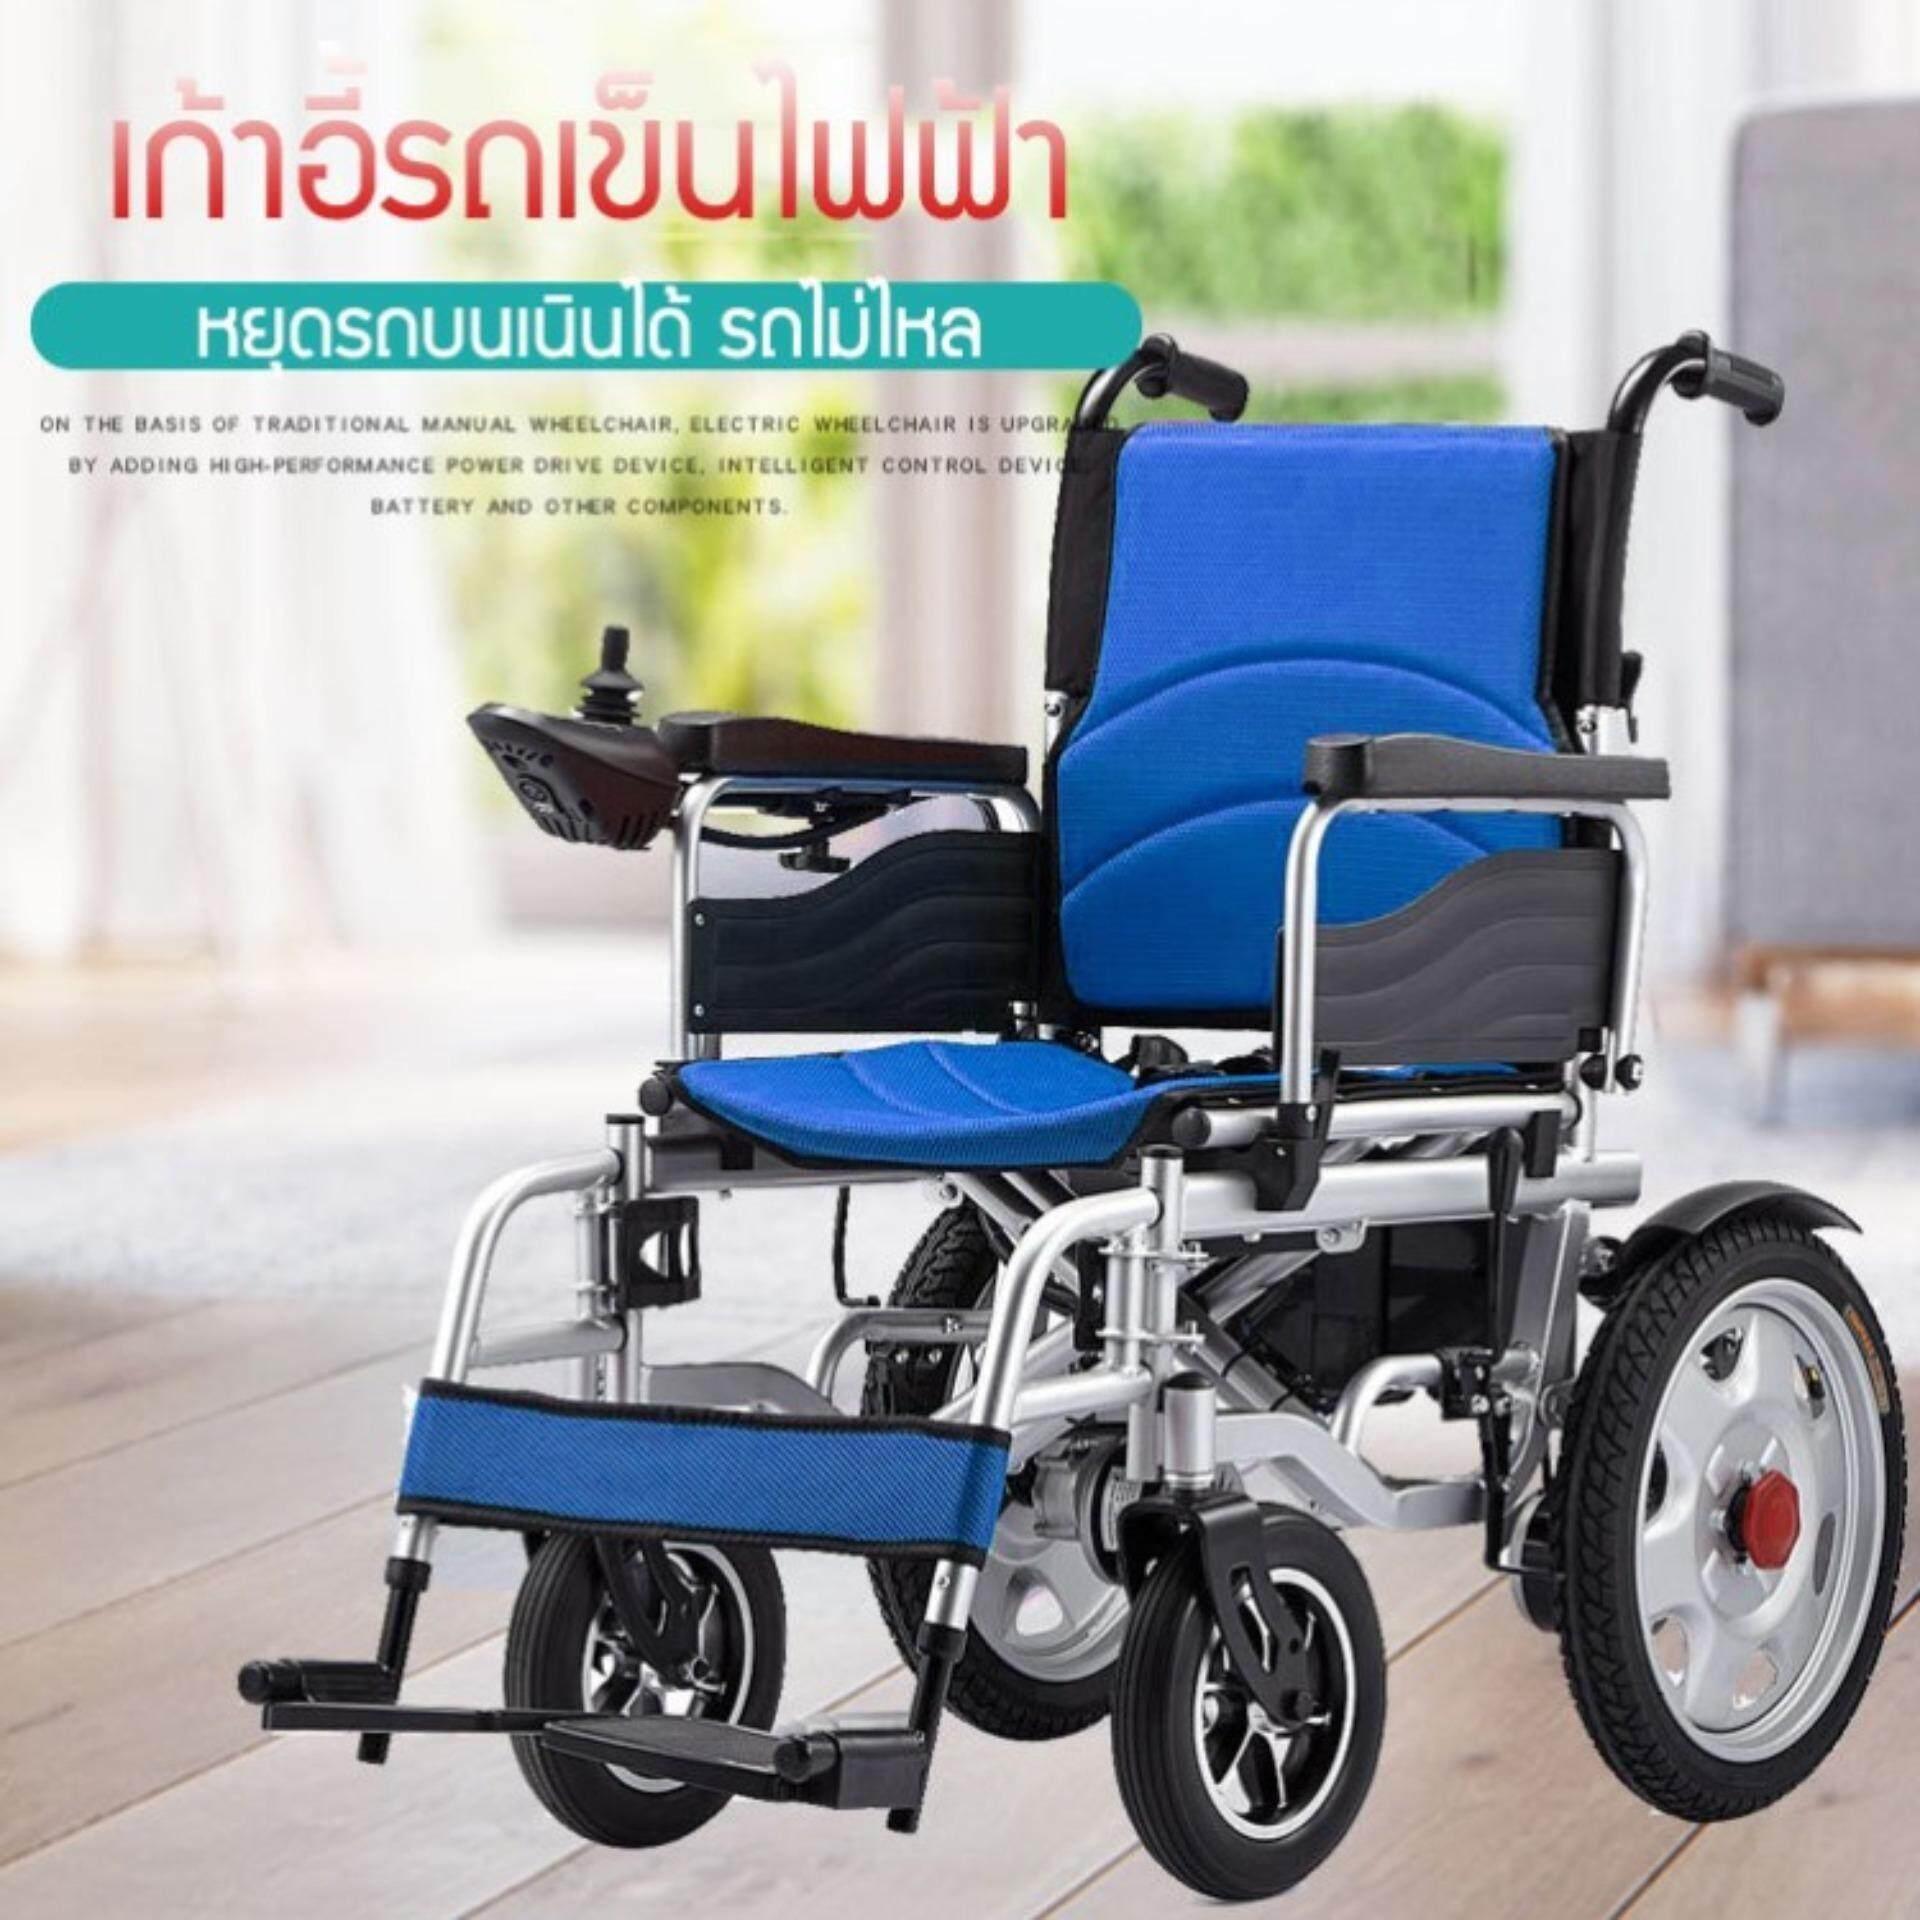 เก็บเงินปลายทางได้ เก้าอี้รถเข็นไฟฟ้า รุ่นอัพเกรด Wheelchair รถเข็นผู้ป่วย รถเข็นผู้สูงอายุ มือคอนโทรลได้ มีเบรคมือ ล้อหนา แข็งเเรง ปลอดภัย รับนน.ได้มาก Paris